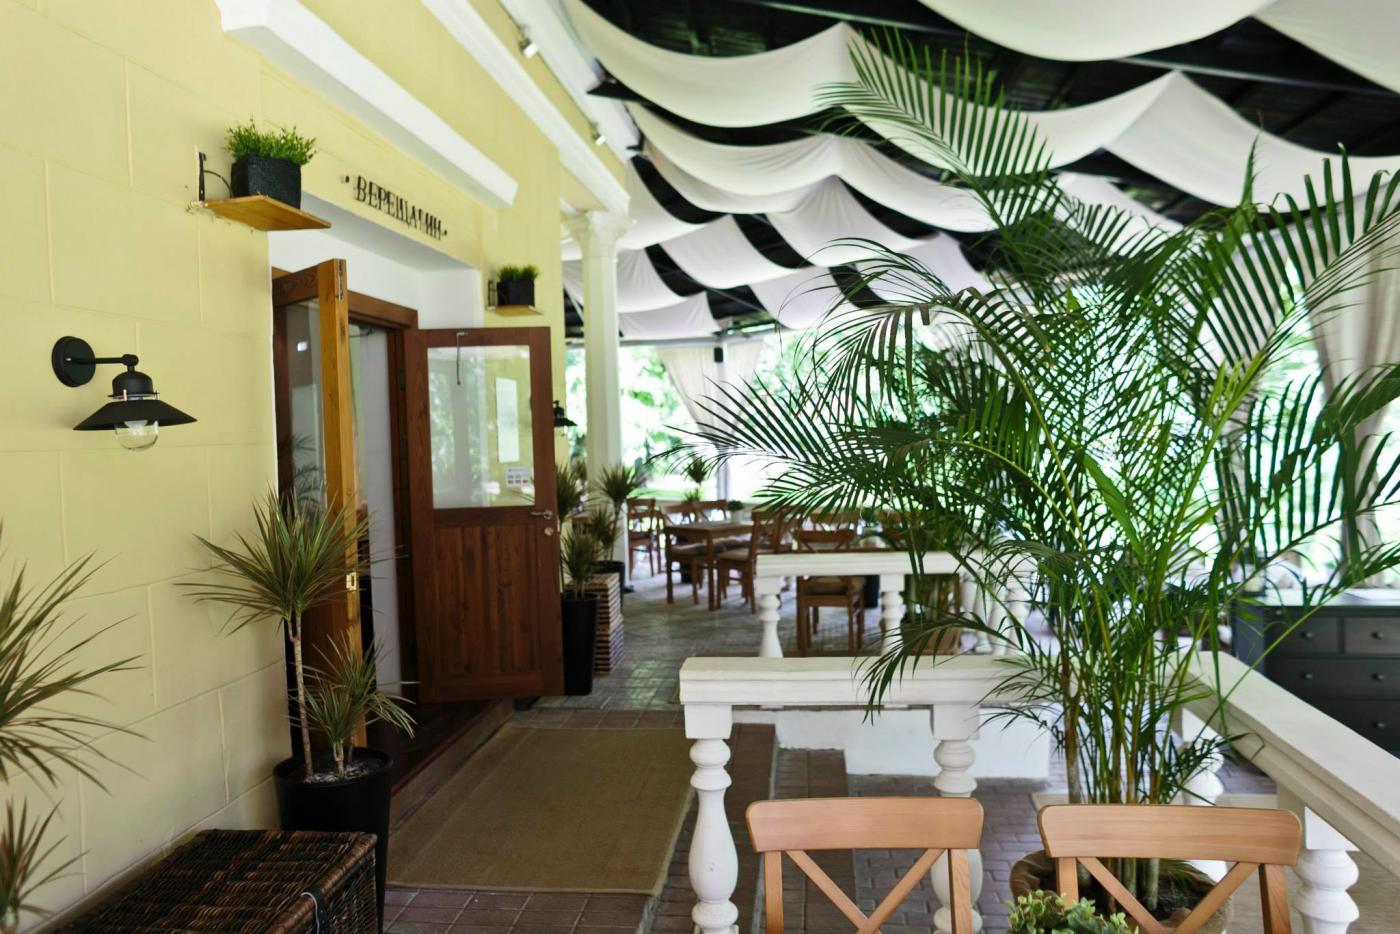 Ресторан Верещагин на ВДНХ фото 29